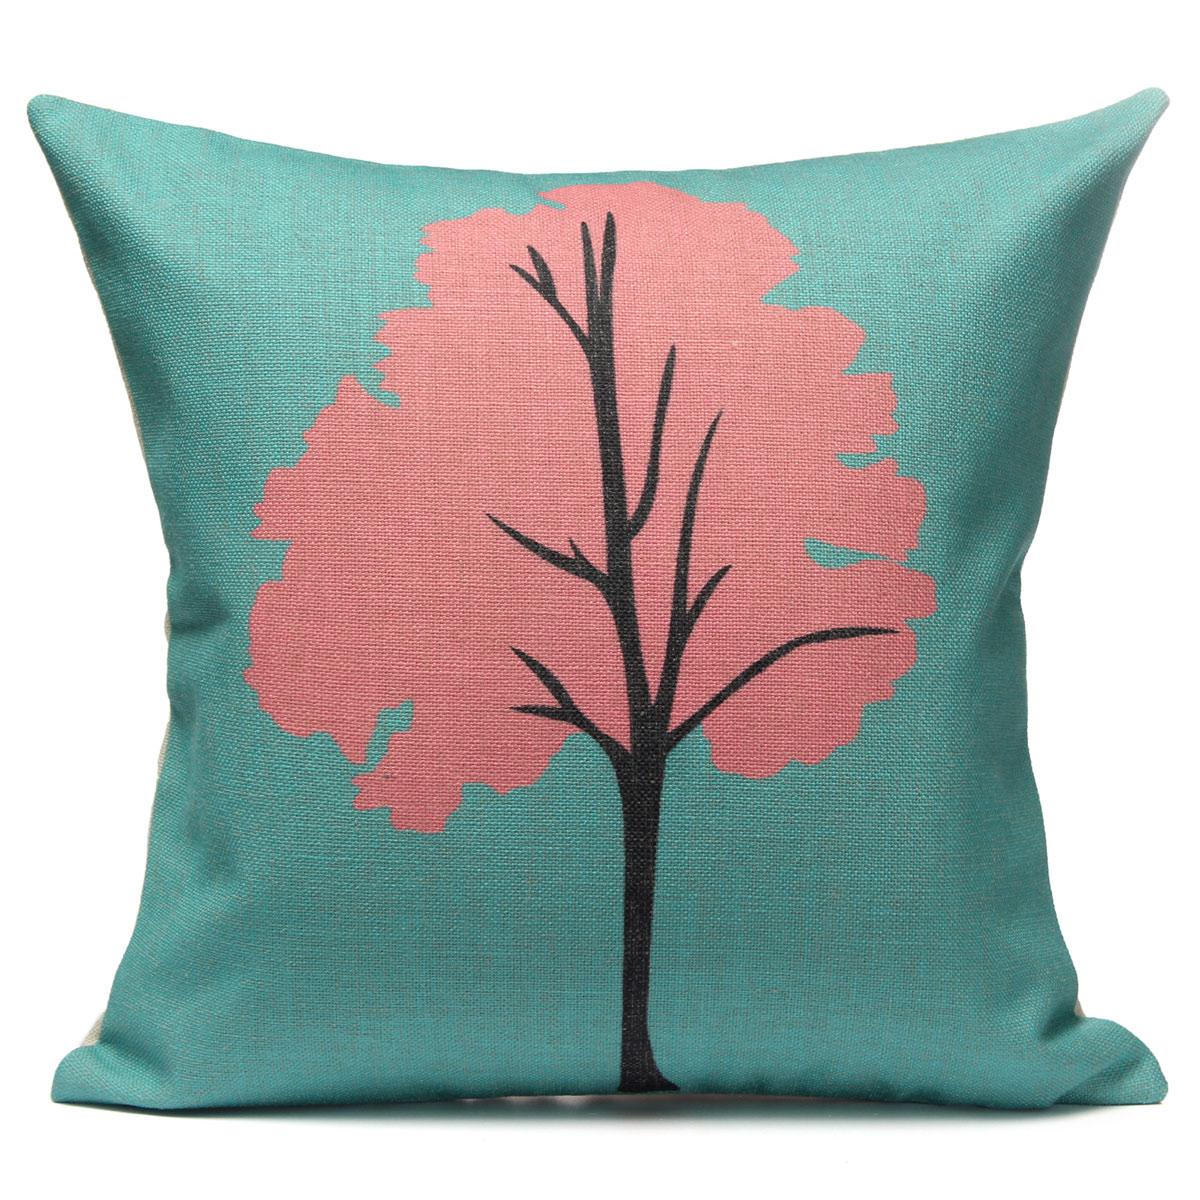 plume pierre housse de coussin taie d 39 oreiller divan lit canap d coration mode ebay. Black Bedroom Furniture Sets. Home Design Ideas